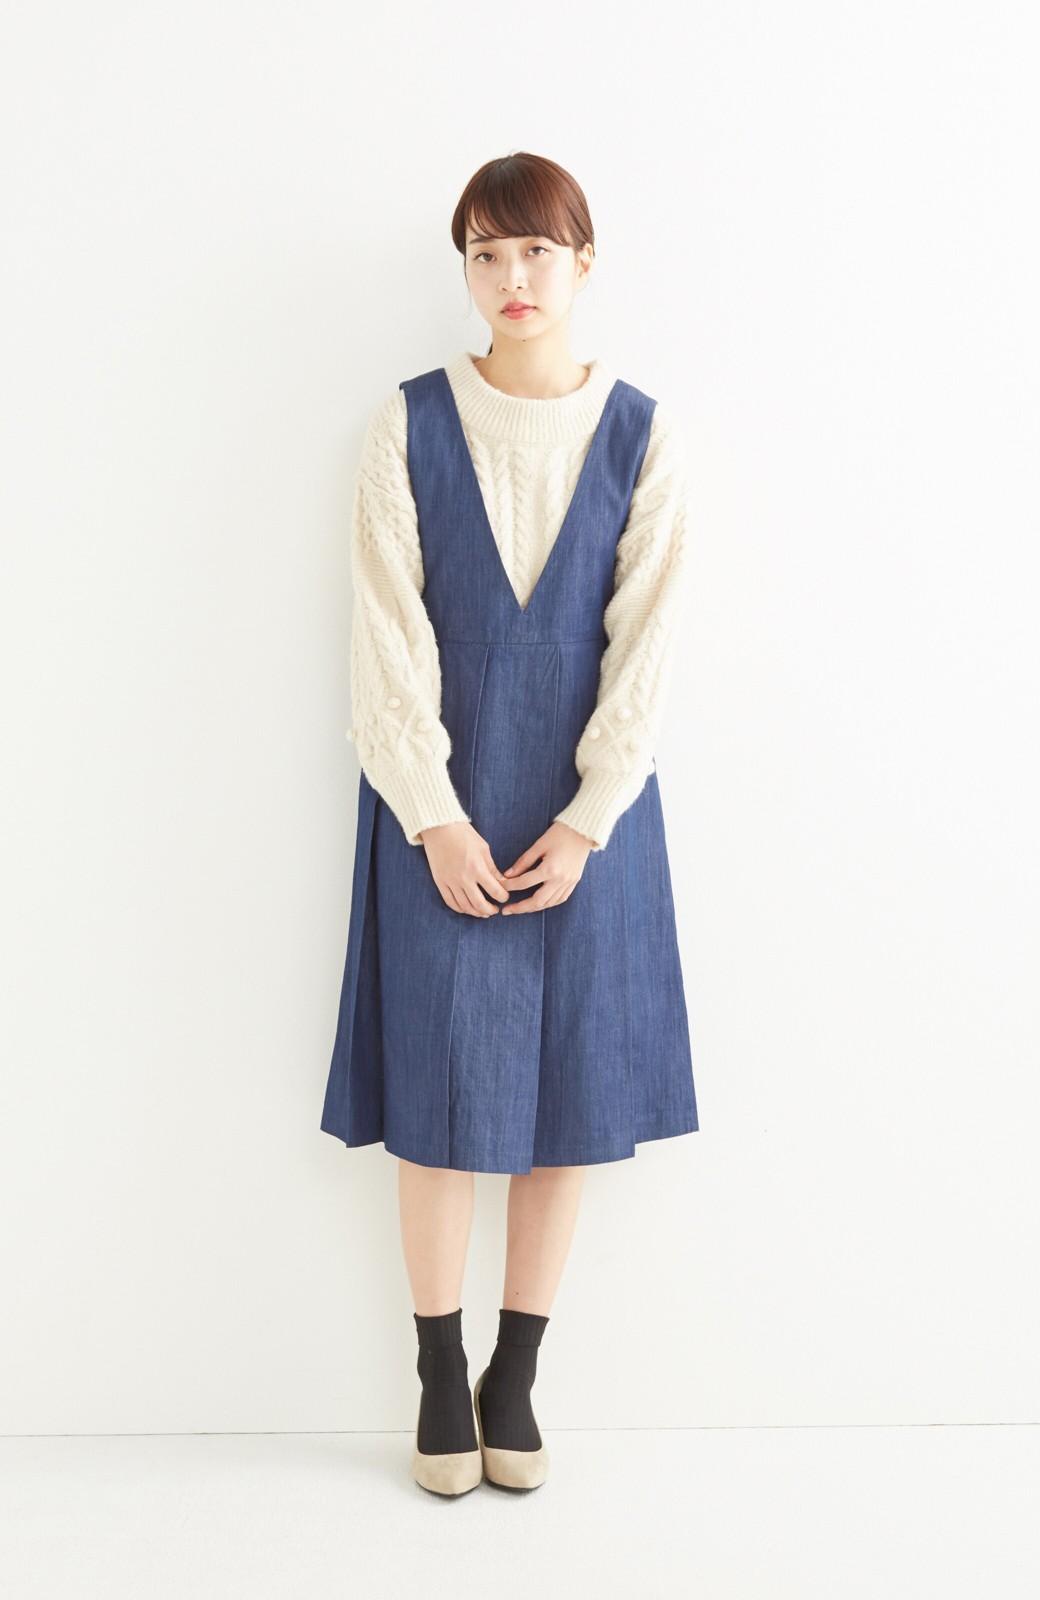 nusy やわらか麻混デニム素材のビッグプリーツジャンパースカート <インディゴブルー>の商品写真4